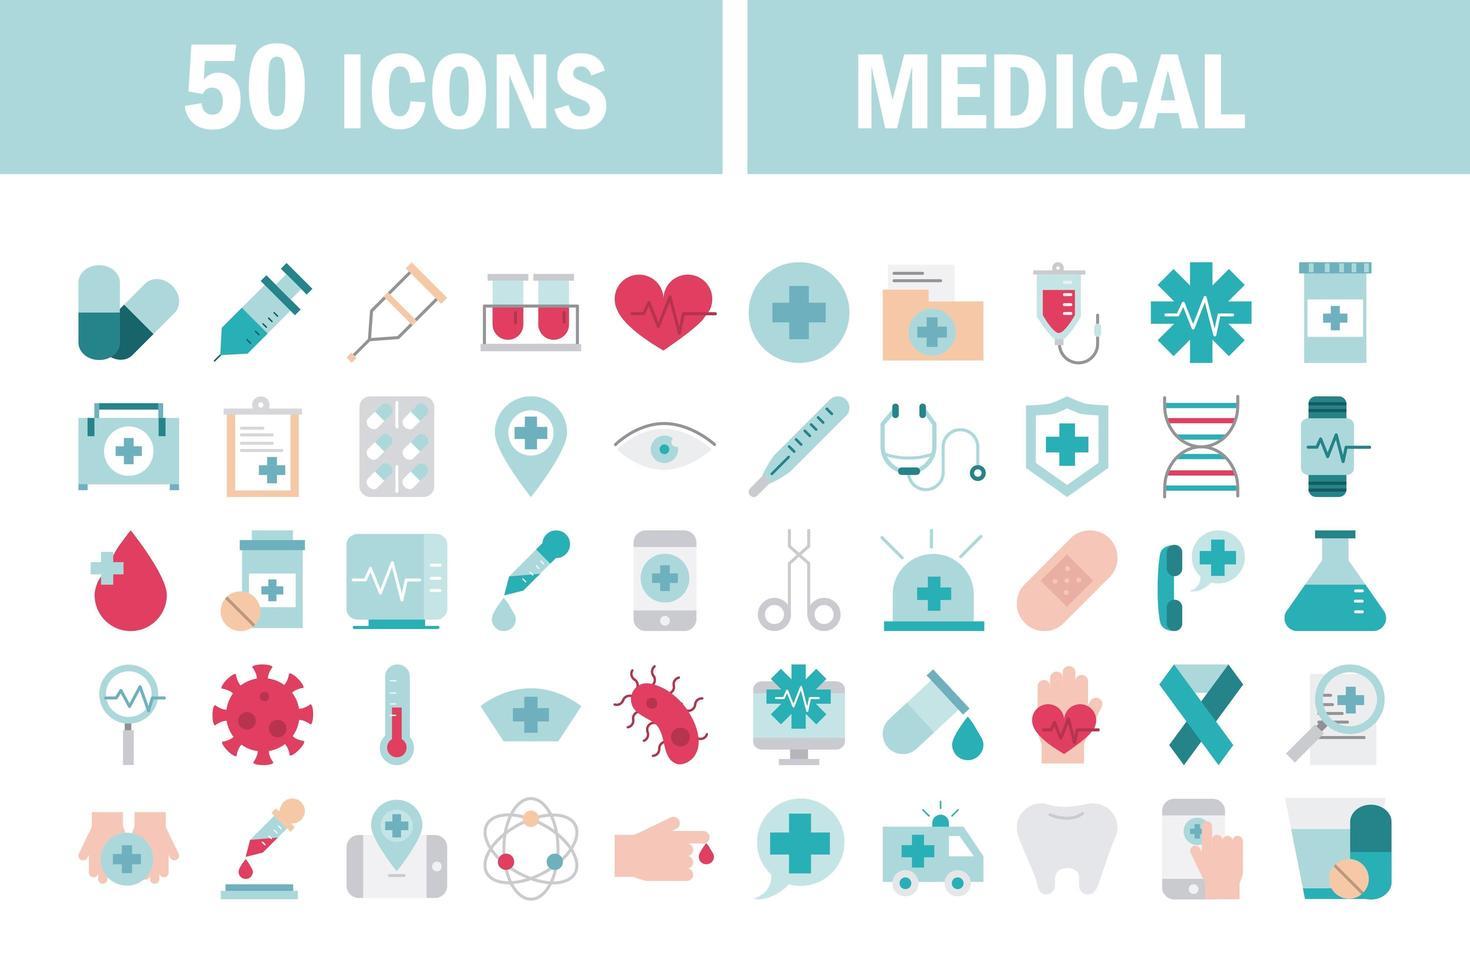 conjunto de iconos de atención médica y sanitaria vector